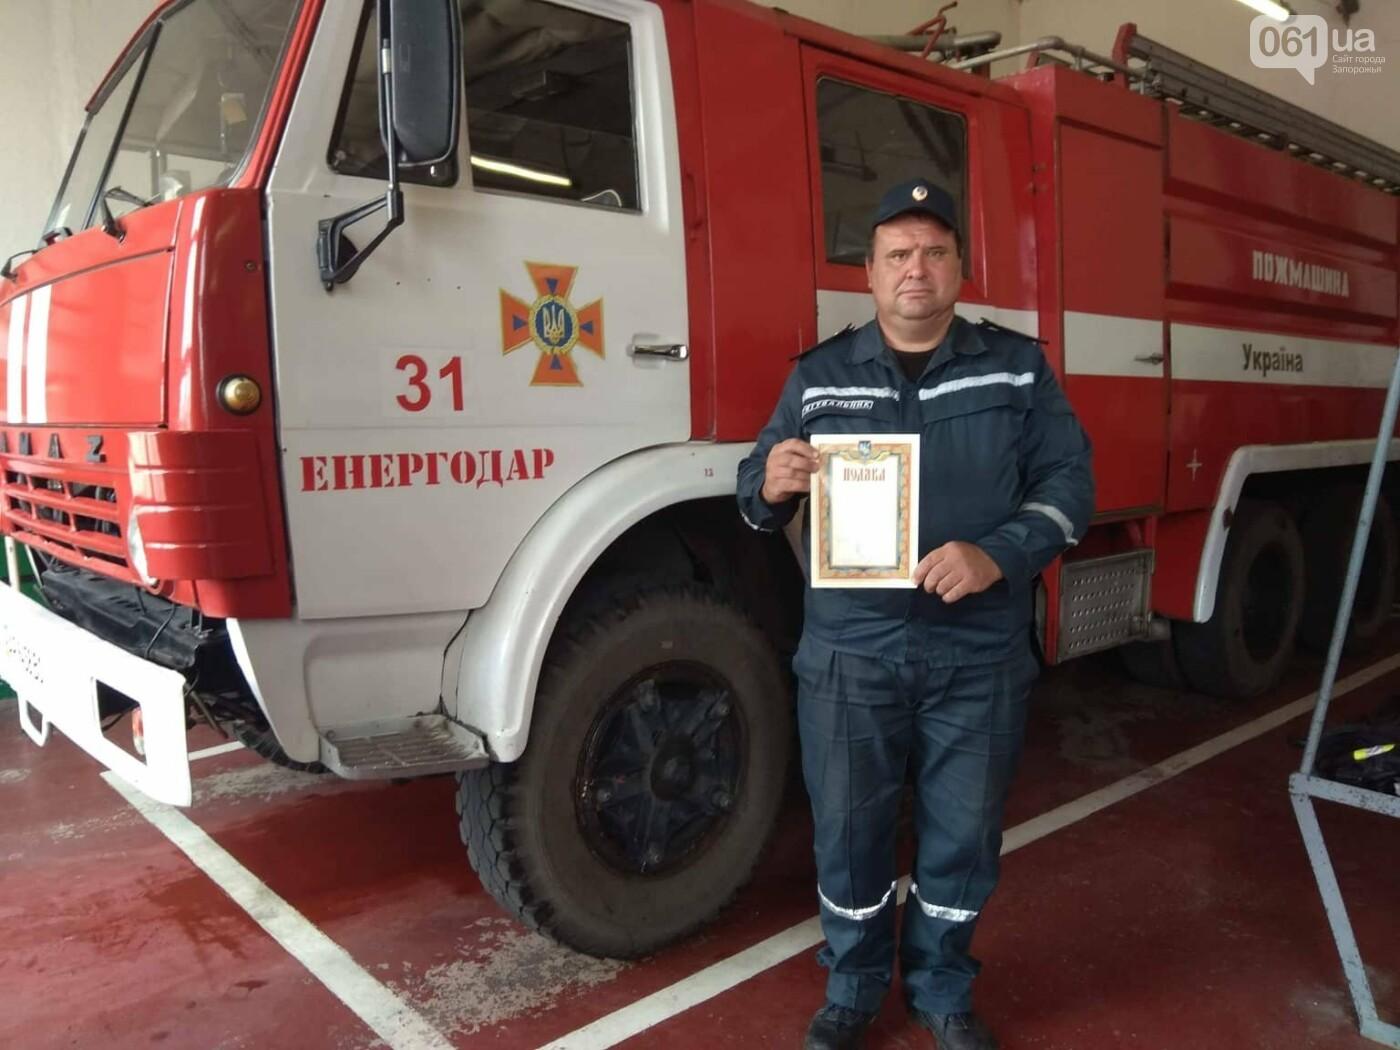 В Кирилловке во время шторма отдыхающий пытался спасти тонущего мужчину — спасать пришлось обоих, фото-1